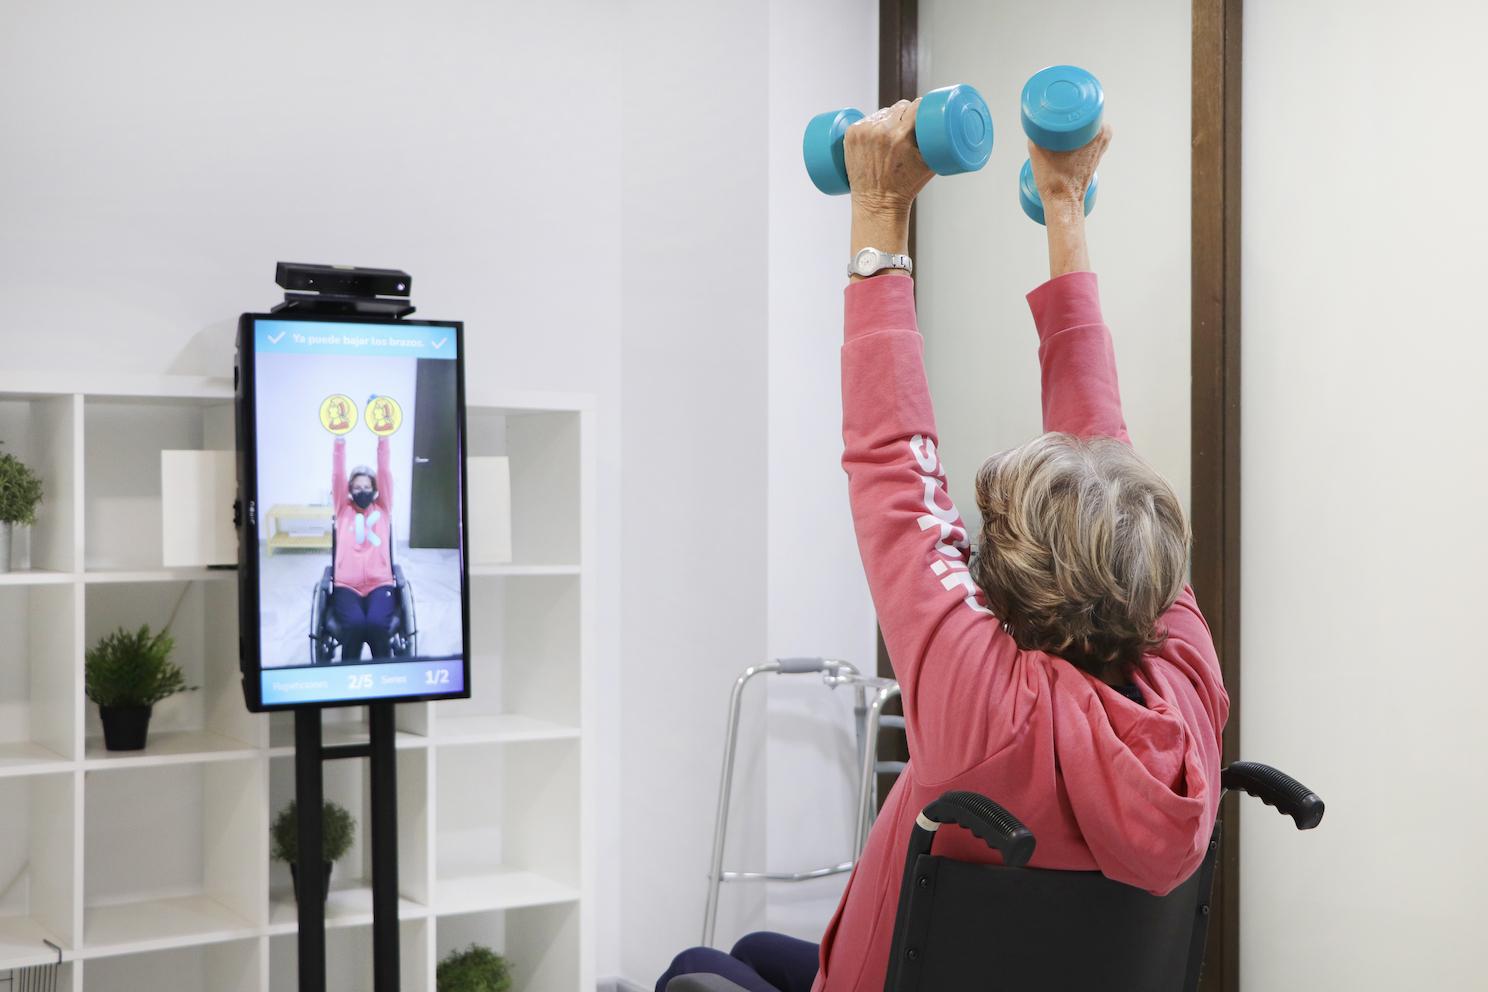 Rehabilitación virtual para mejorar la salud física de las personas mayores